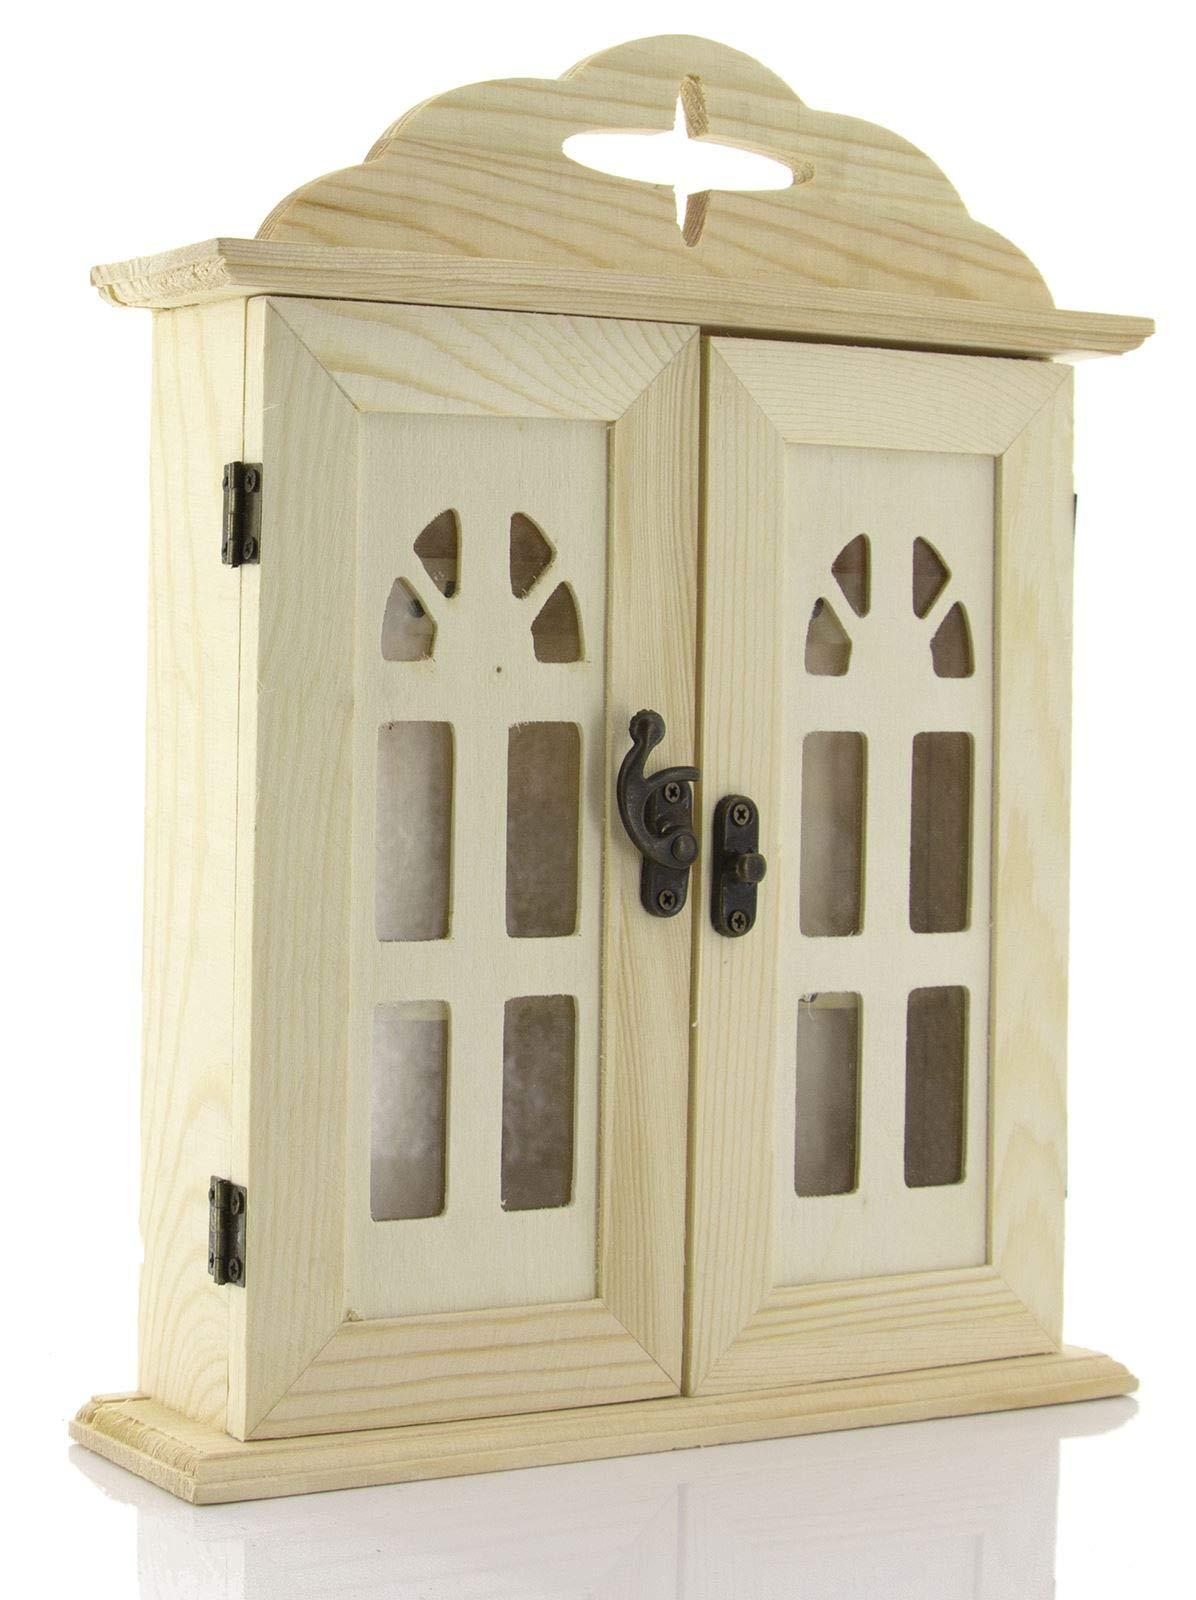 caja llavero de madera de pared, caja llavero de pared, Armario llavero para entradas, 21.5 x 27 x 5.5 cm: Amazon.es: Hogar